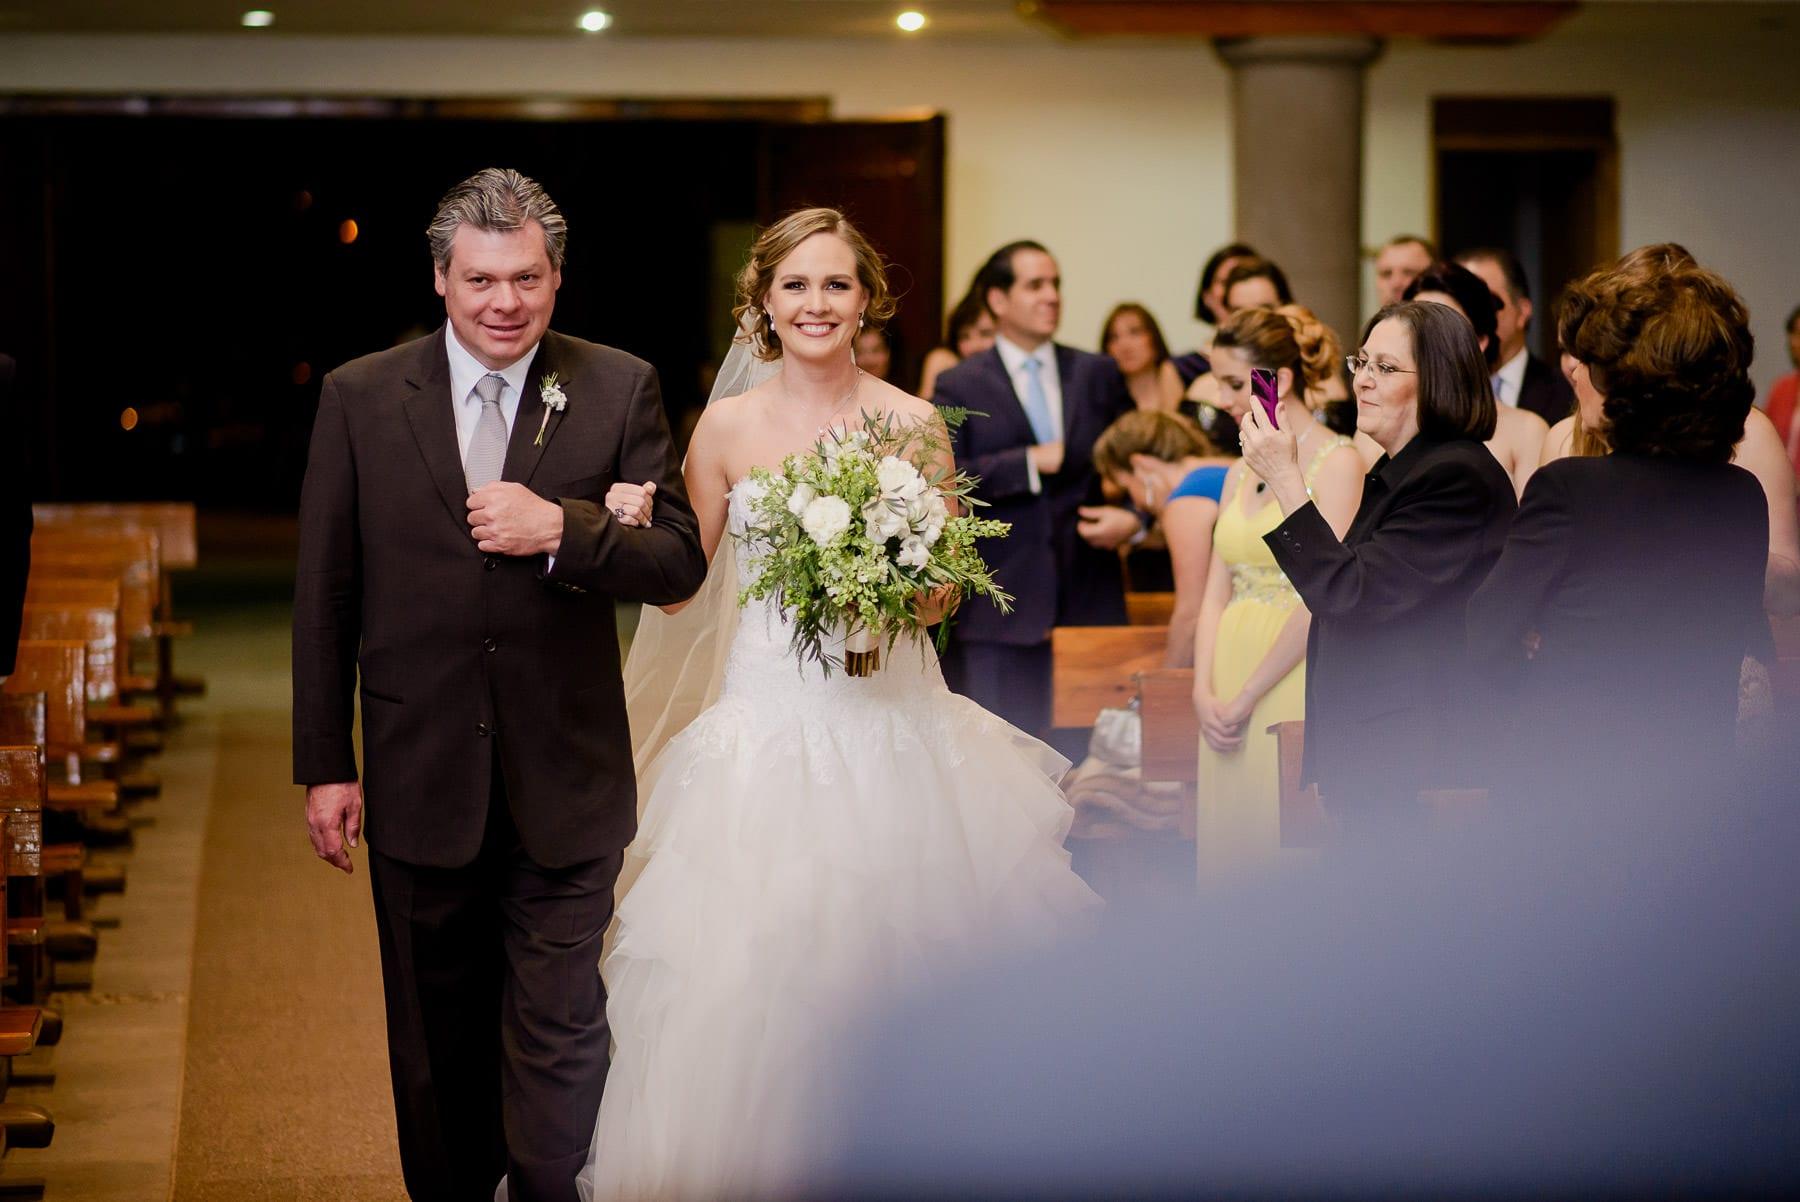 fotografo-de-bodas-en-queretaro-34